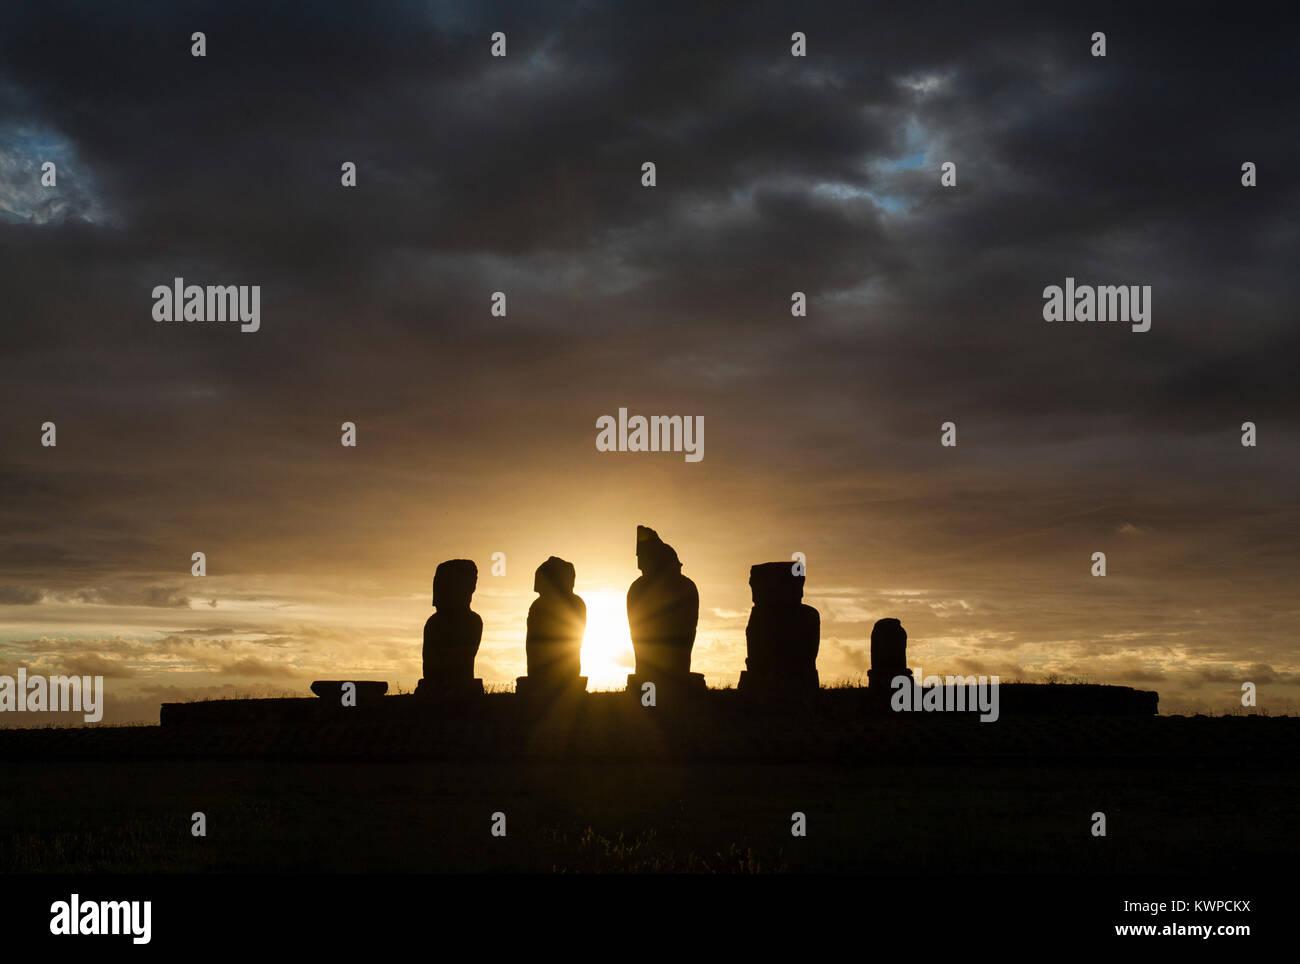 Tramonto alle statue di Ahu Tahai all isola di Pasqua (Rapa Nui/ Isla de Pascua), Cile Immagini Stock